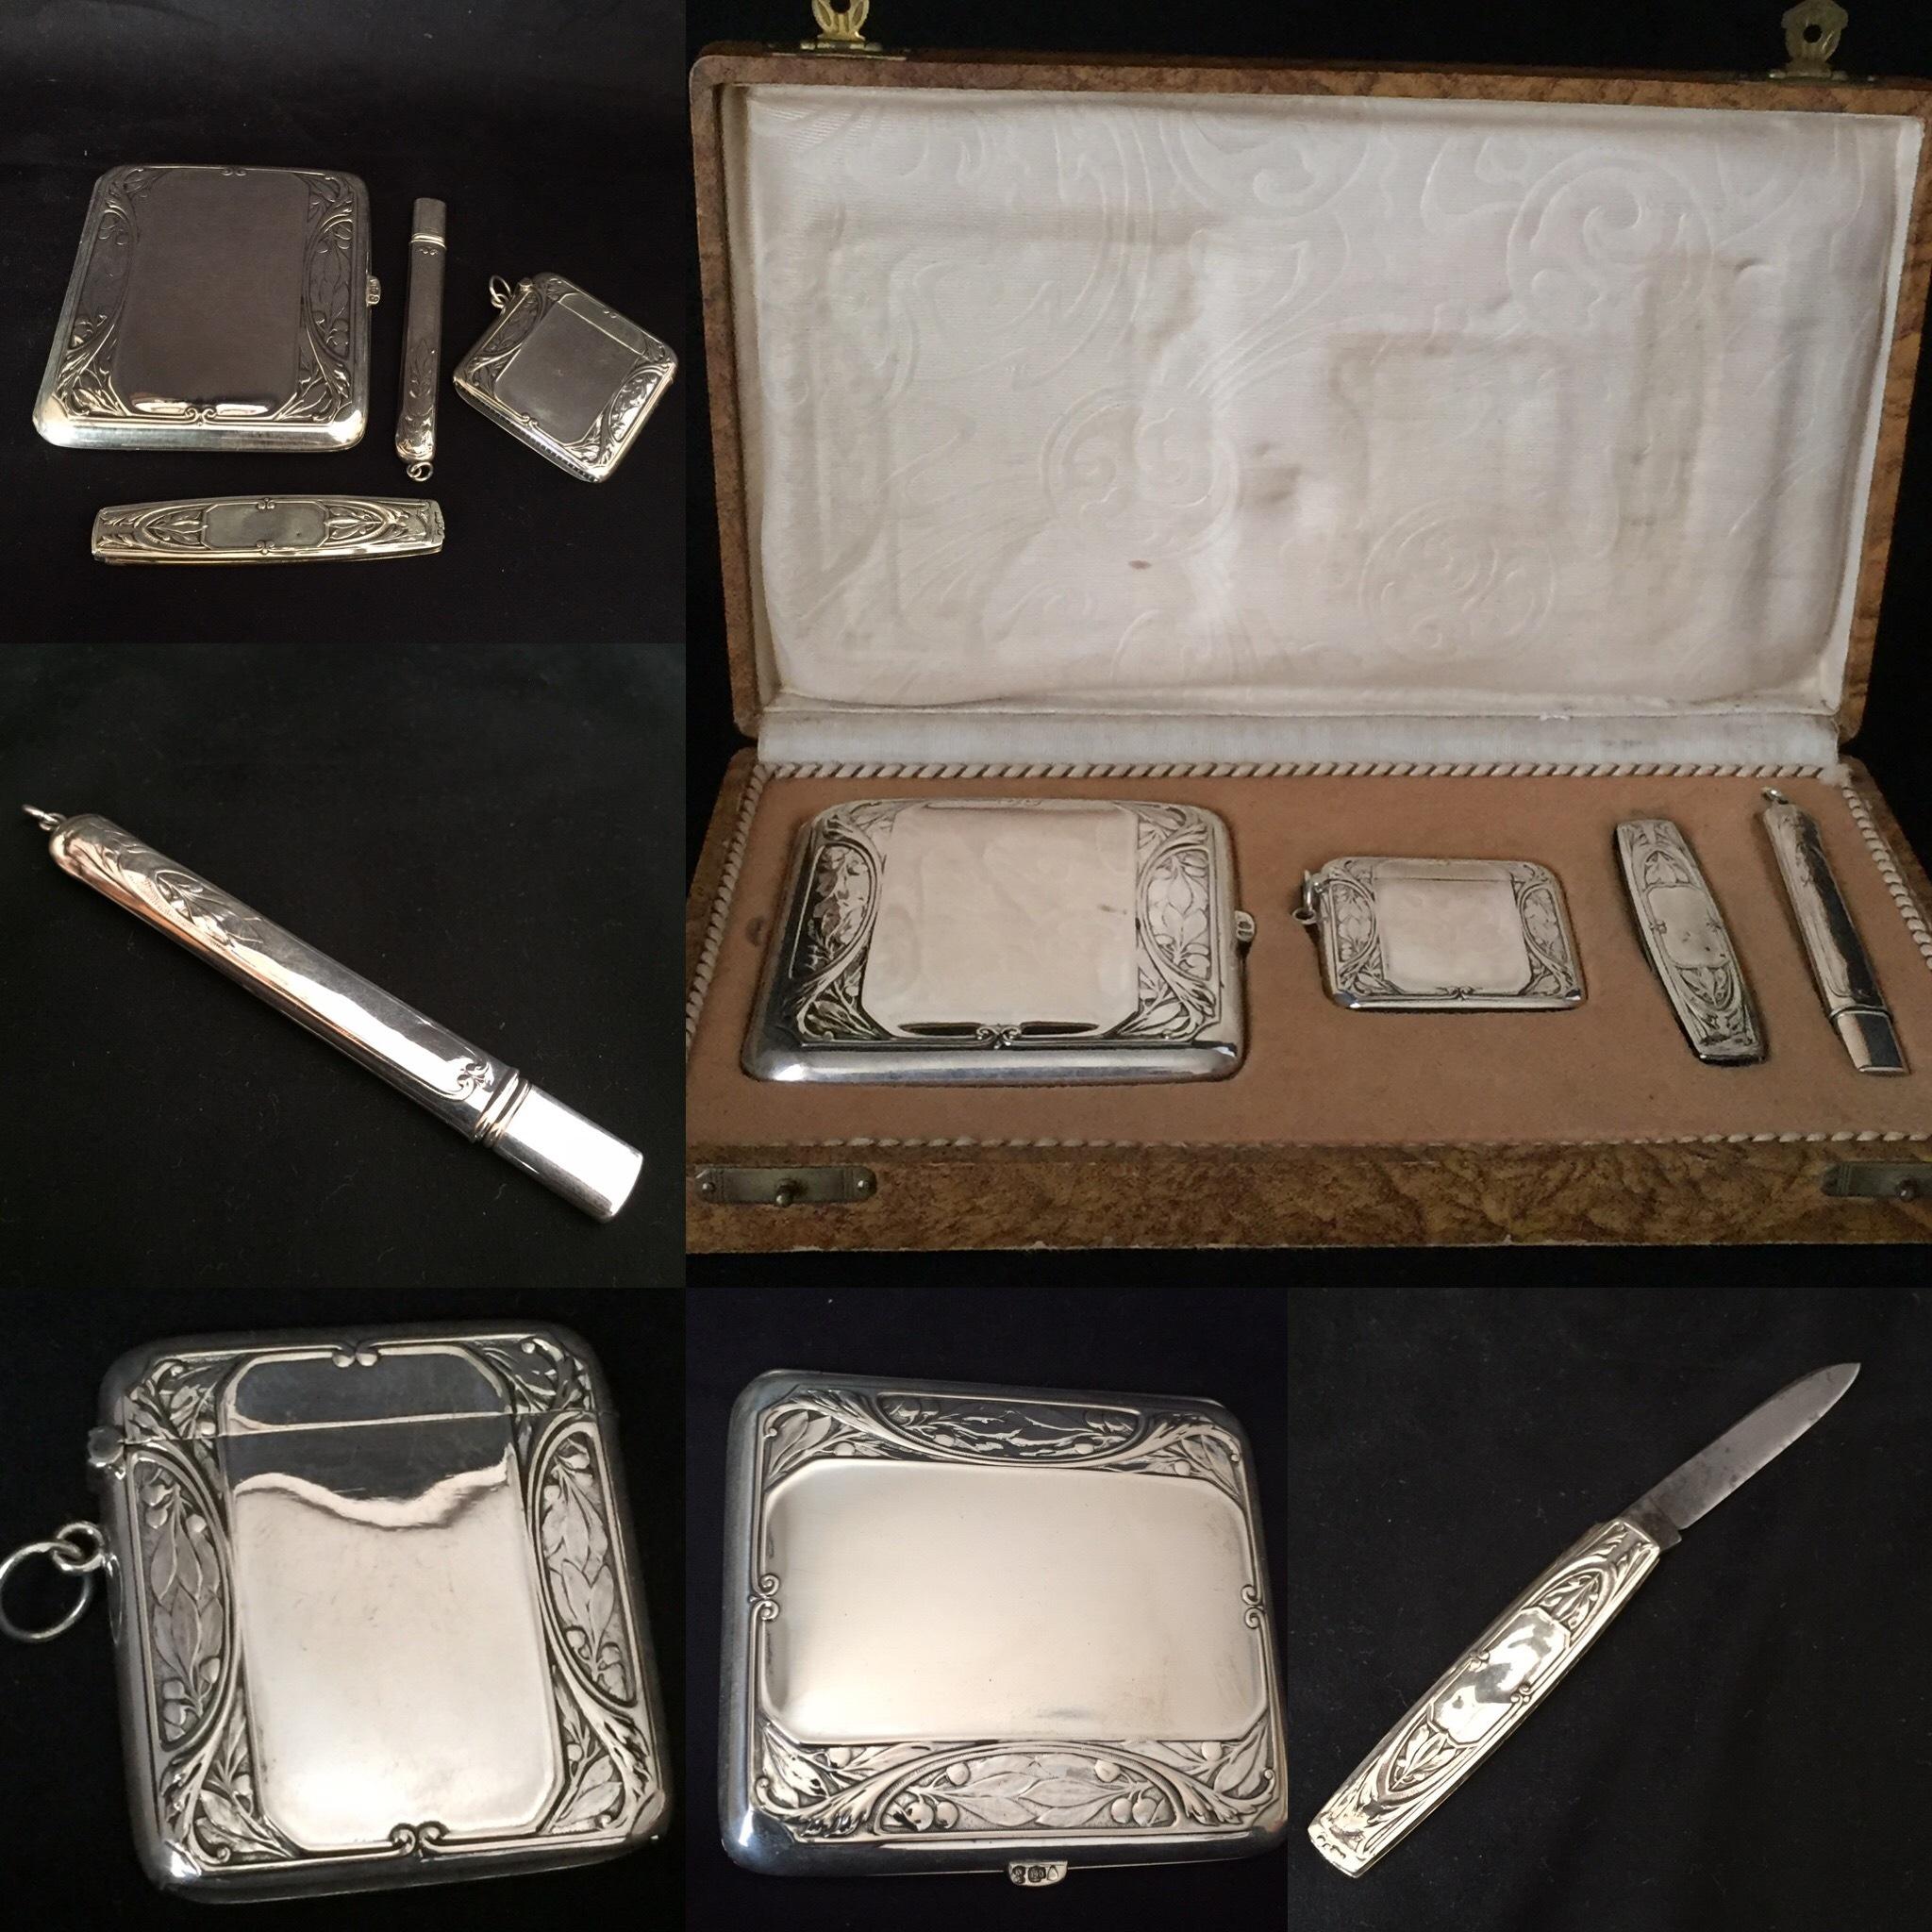 Art nouveau Silver cigarette case, vesta case, knife, pencil